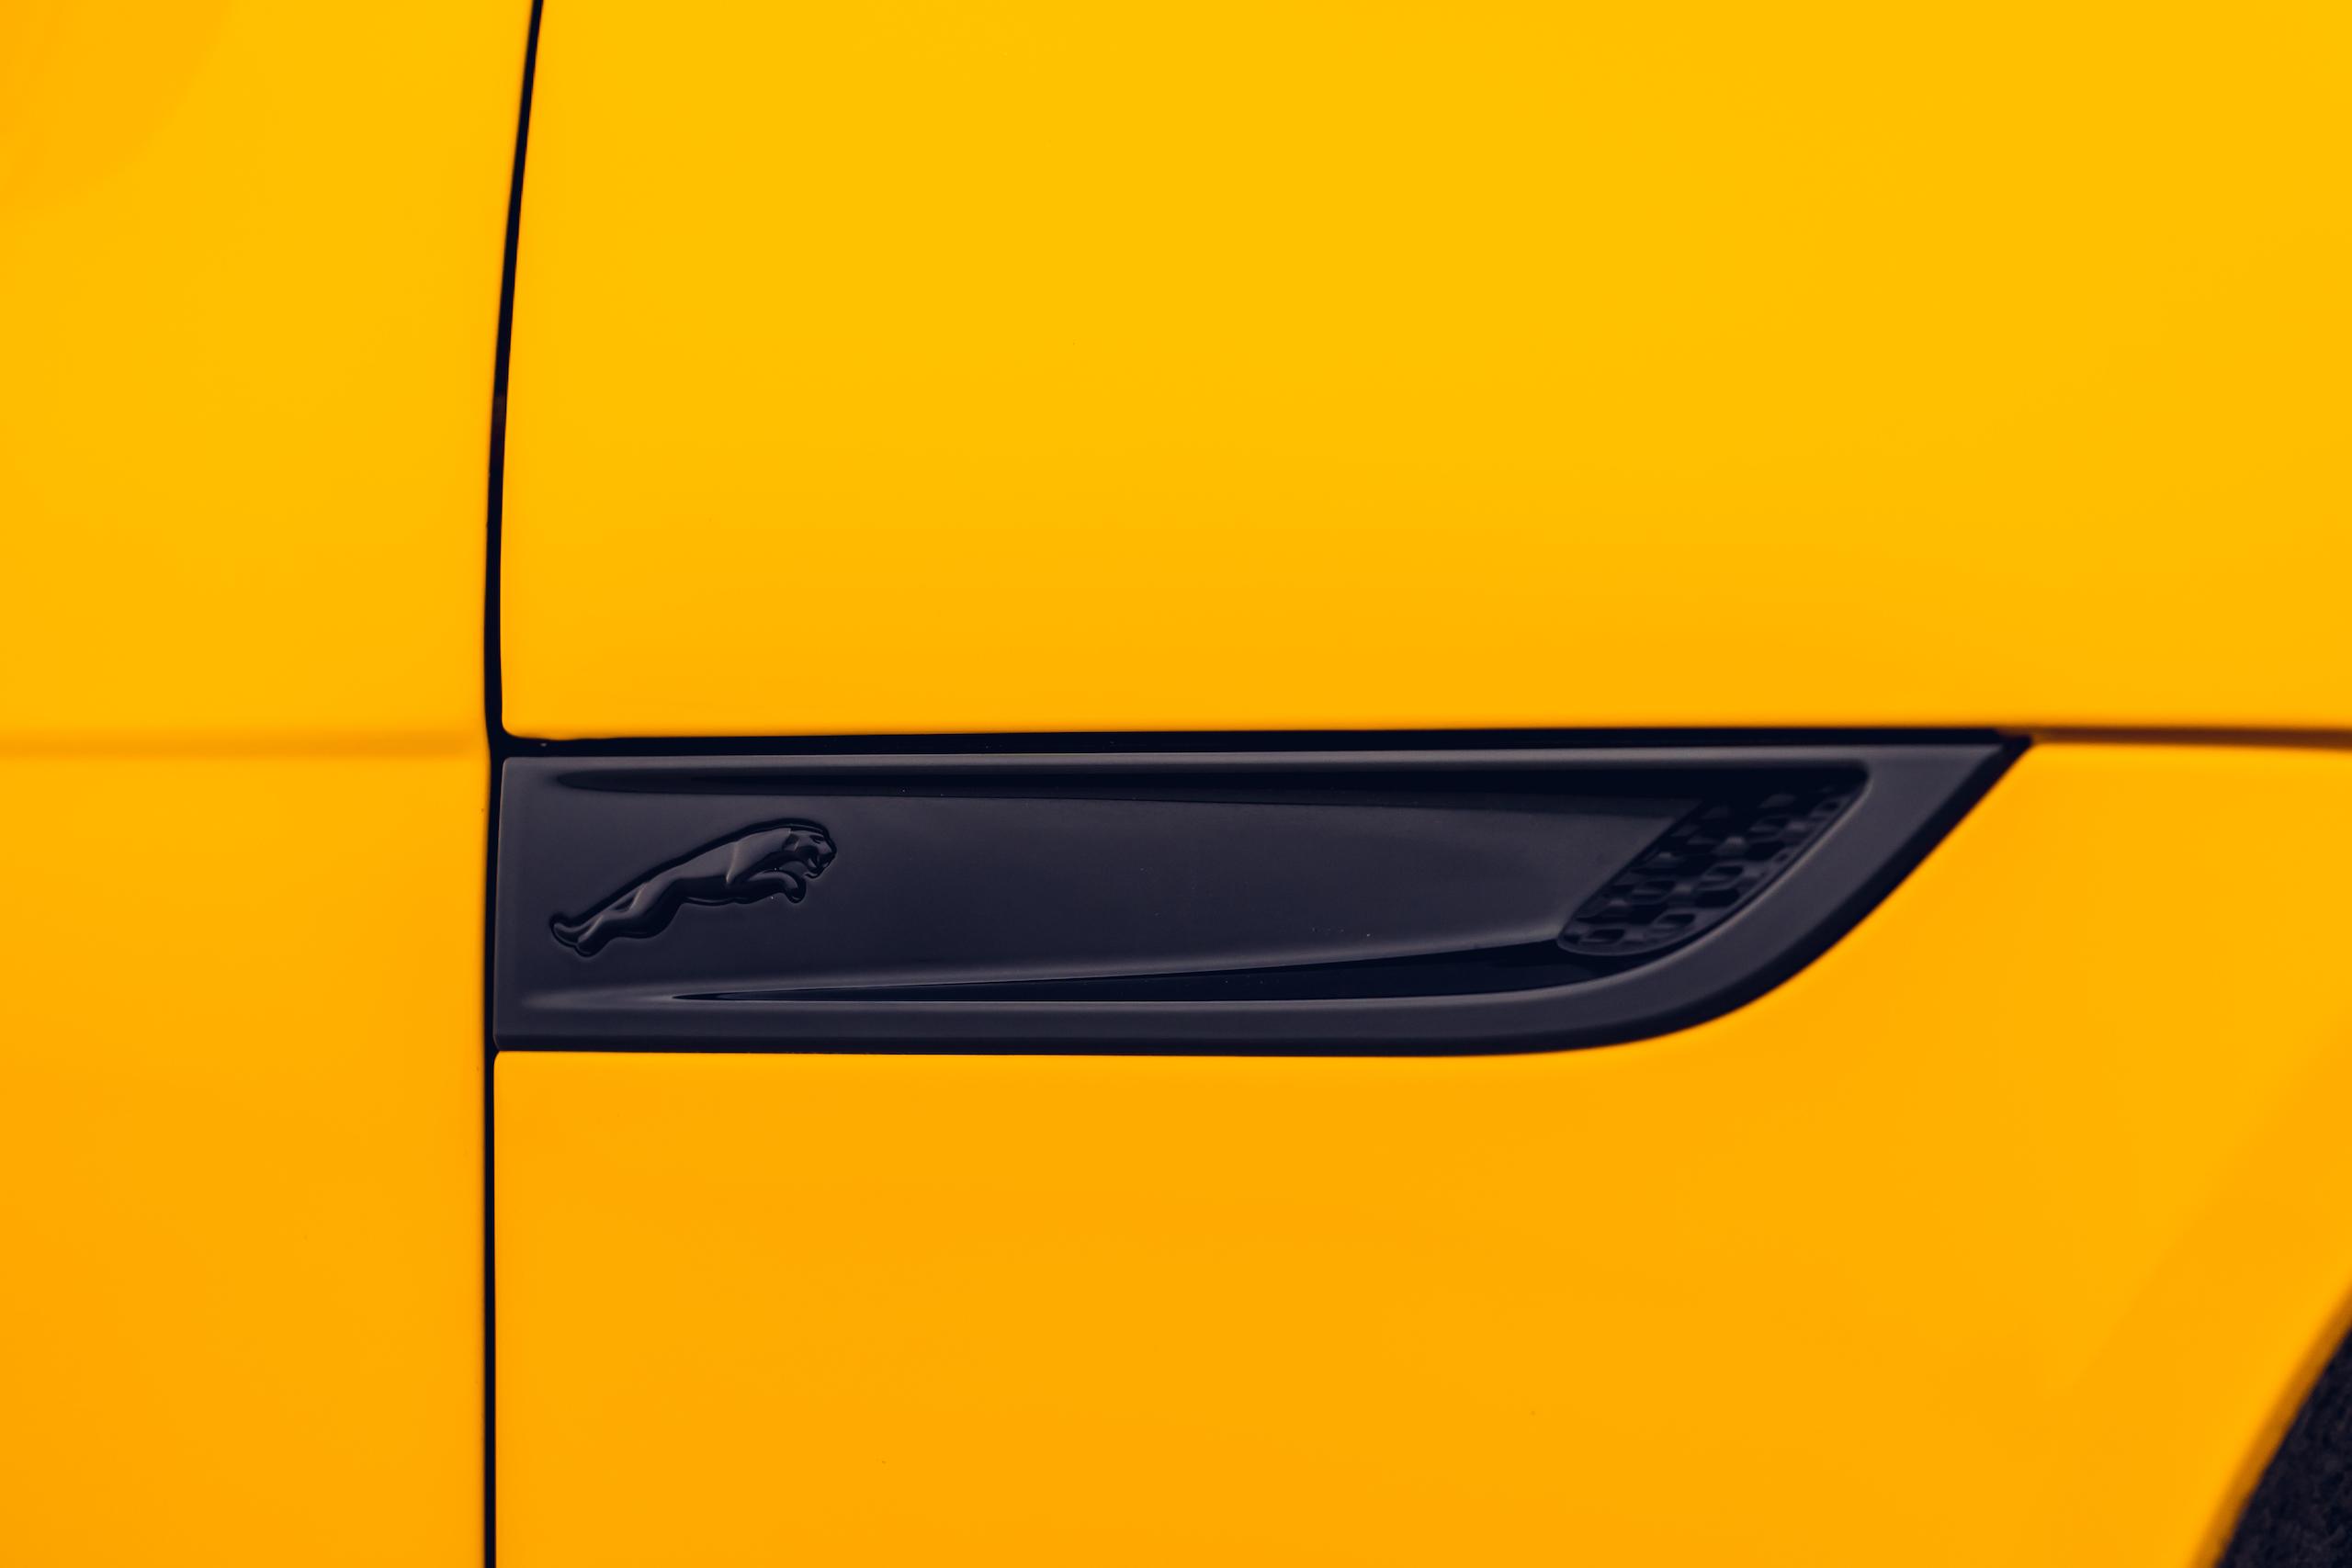 2021 Jaguar F-TYPE_R Coupe vent detail